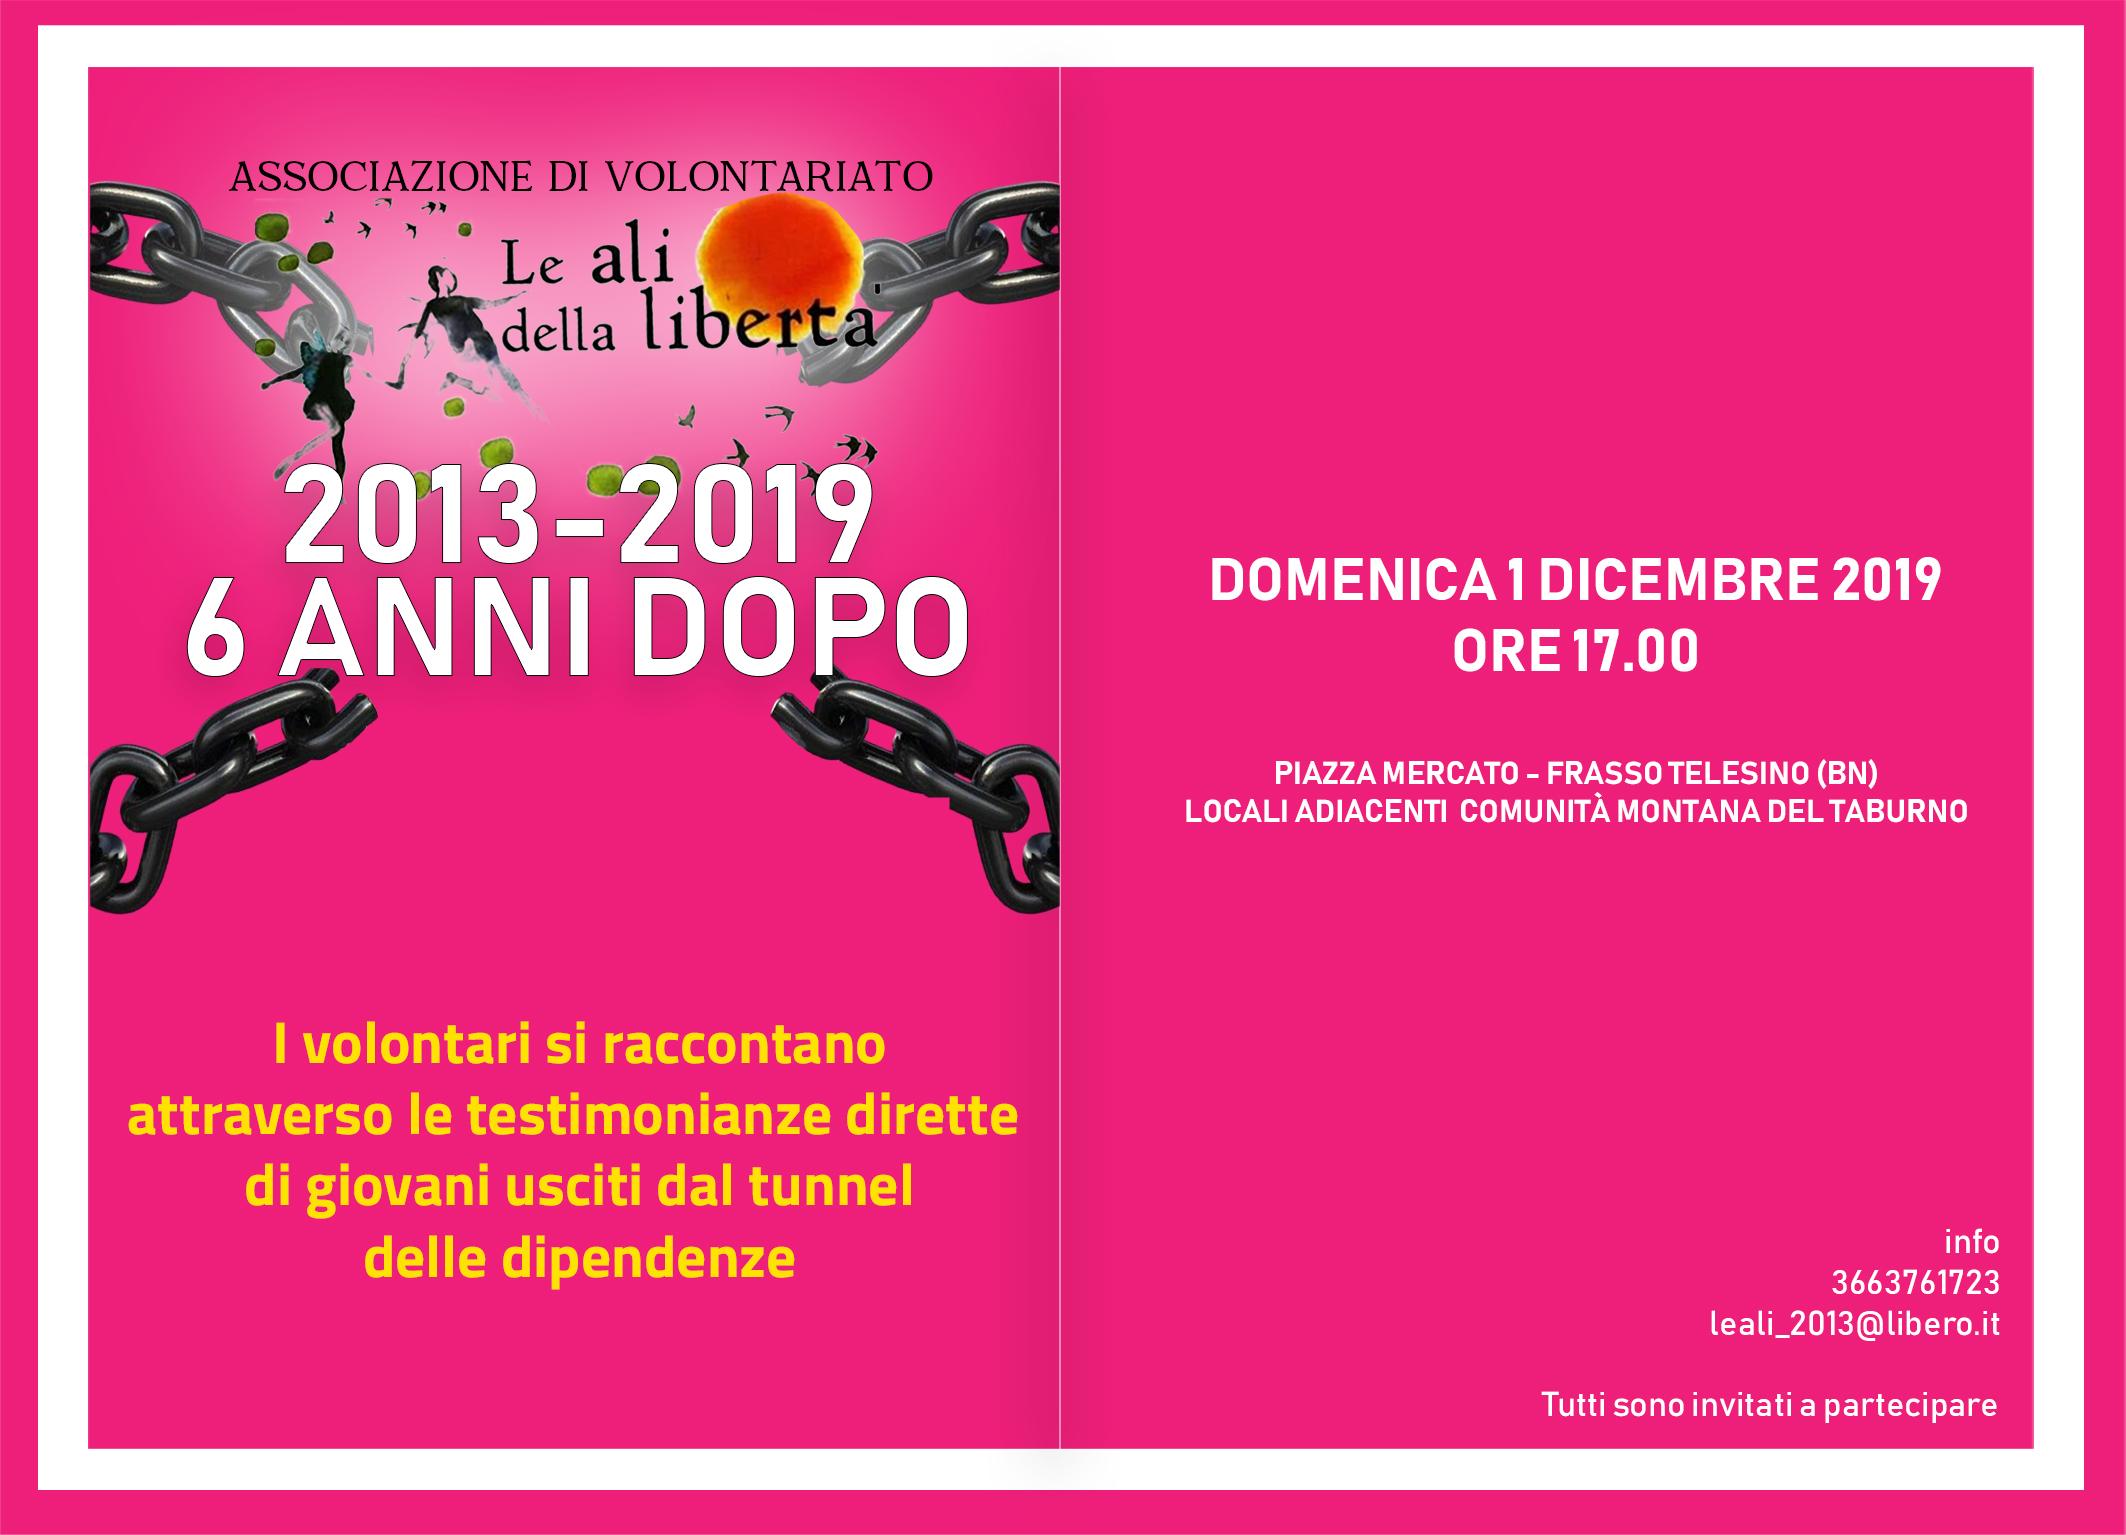 """A Frasso Telesino l'evento per celebrare i 6 anni dell'associazione """"Le Ali della Libertà"""""""